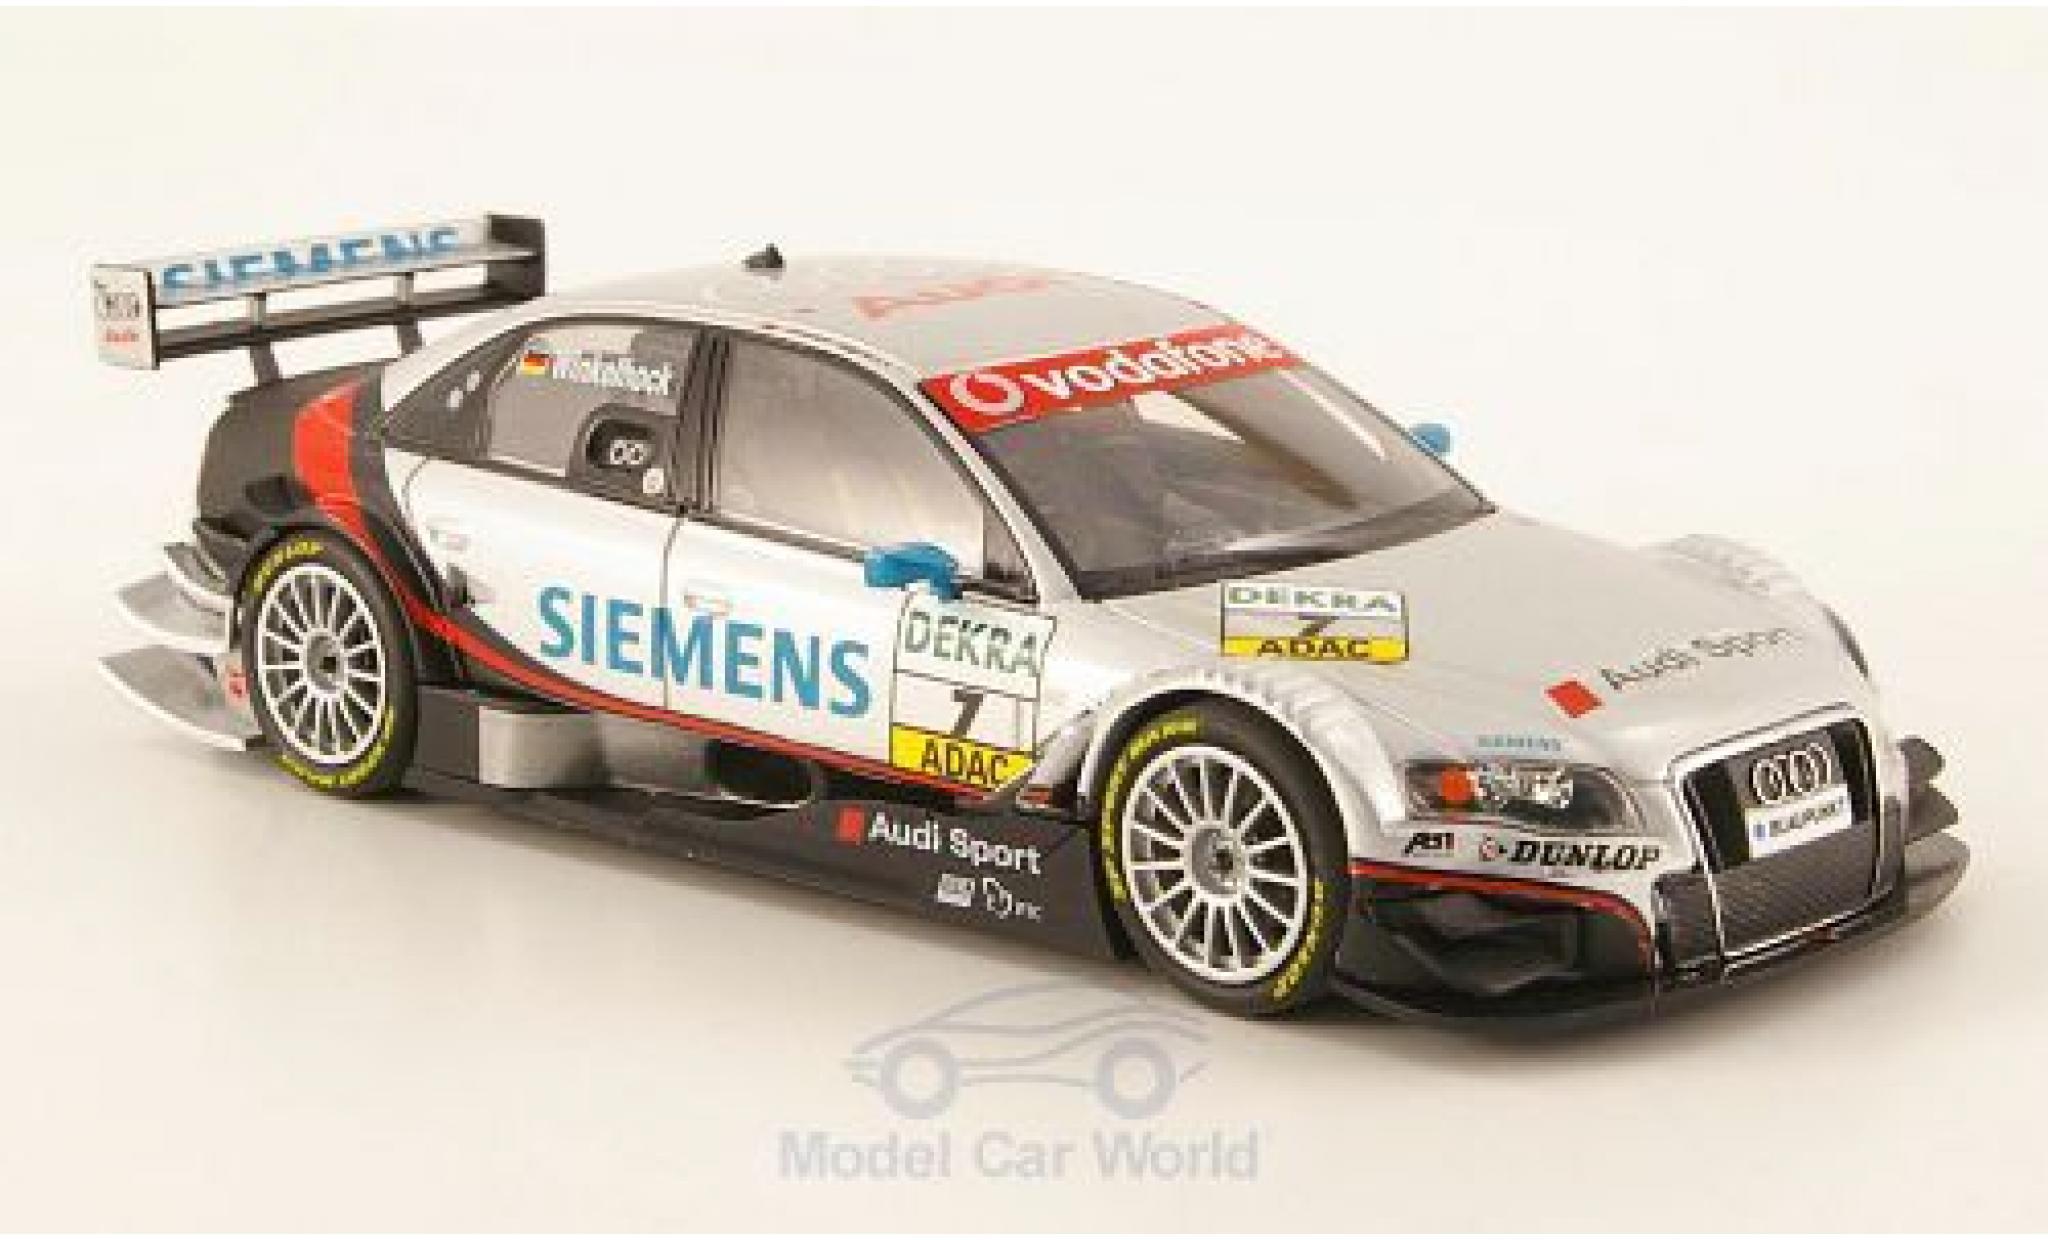 Audi A4 DTM 1/43 Minichamps DTM No.7 Team Abt Siemens DTM 2007 M.Winkelhock